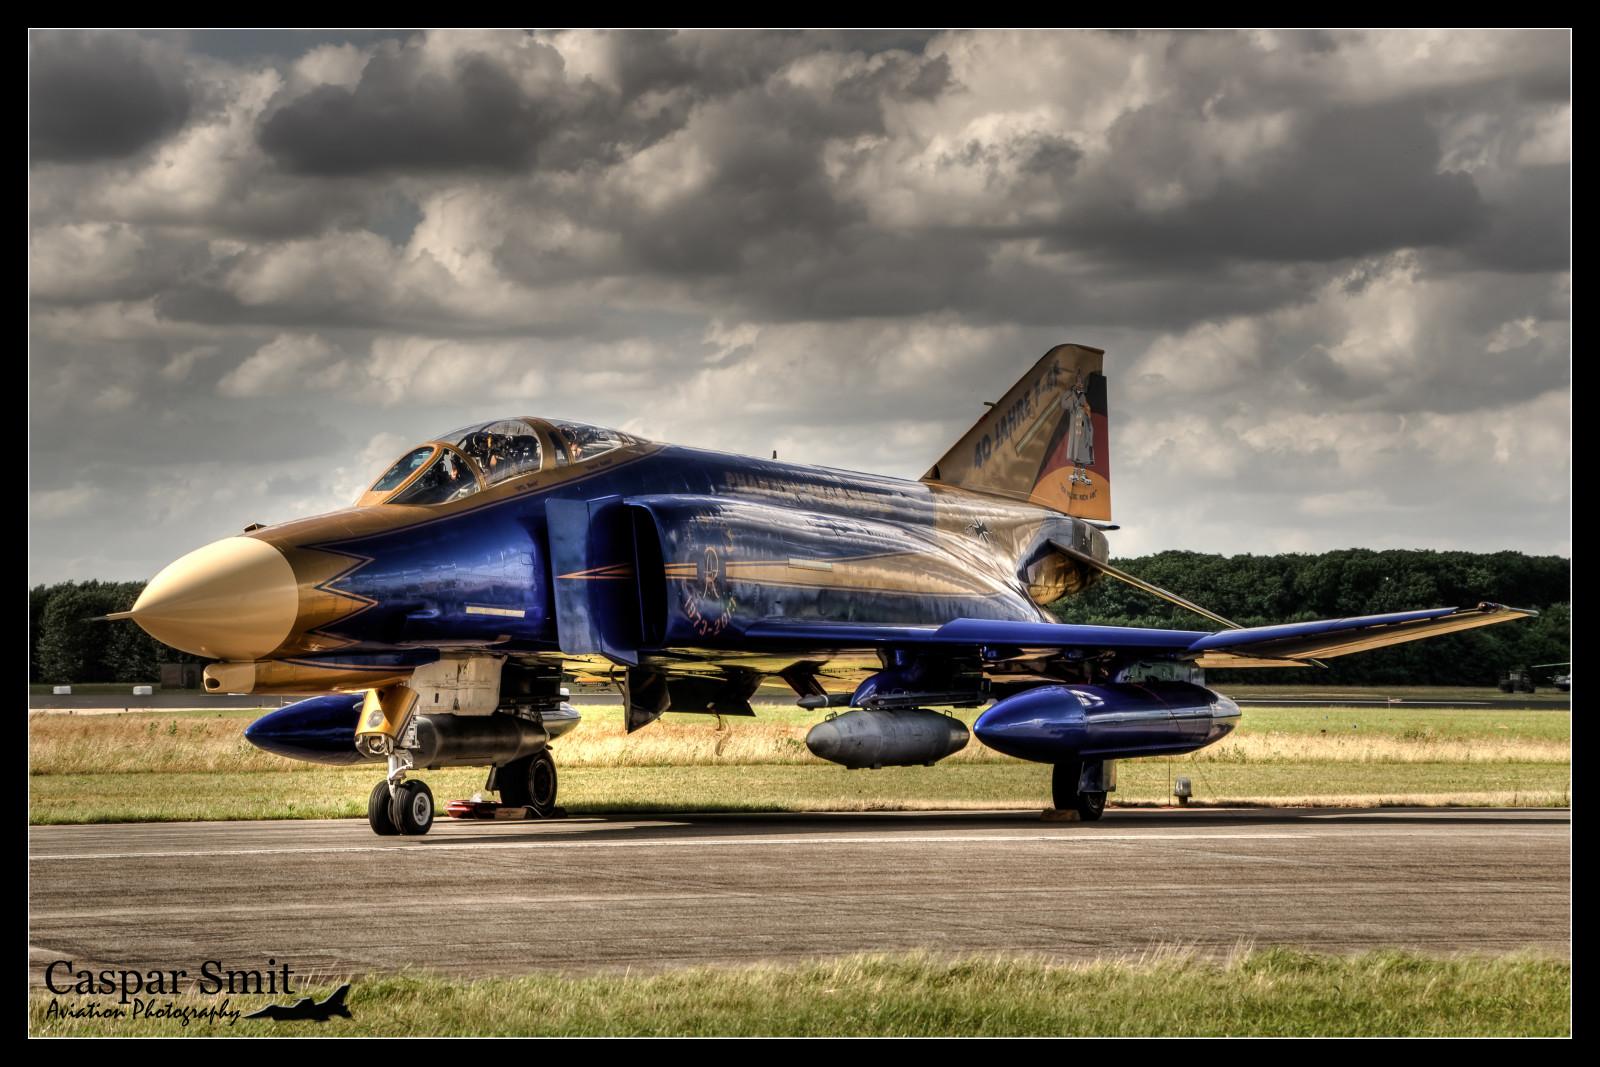 航空機, 飛行機, 空軍, 軍用機, 戦闘機, 航空宇宙工学, 航空, 空, ジェット機, マクドネルダグラスF 4ファントムII, 航空会社